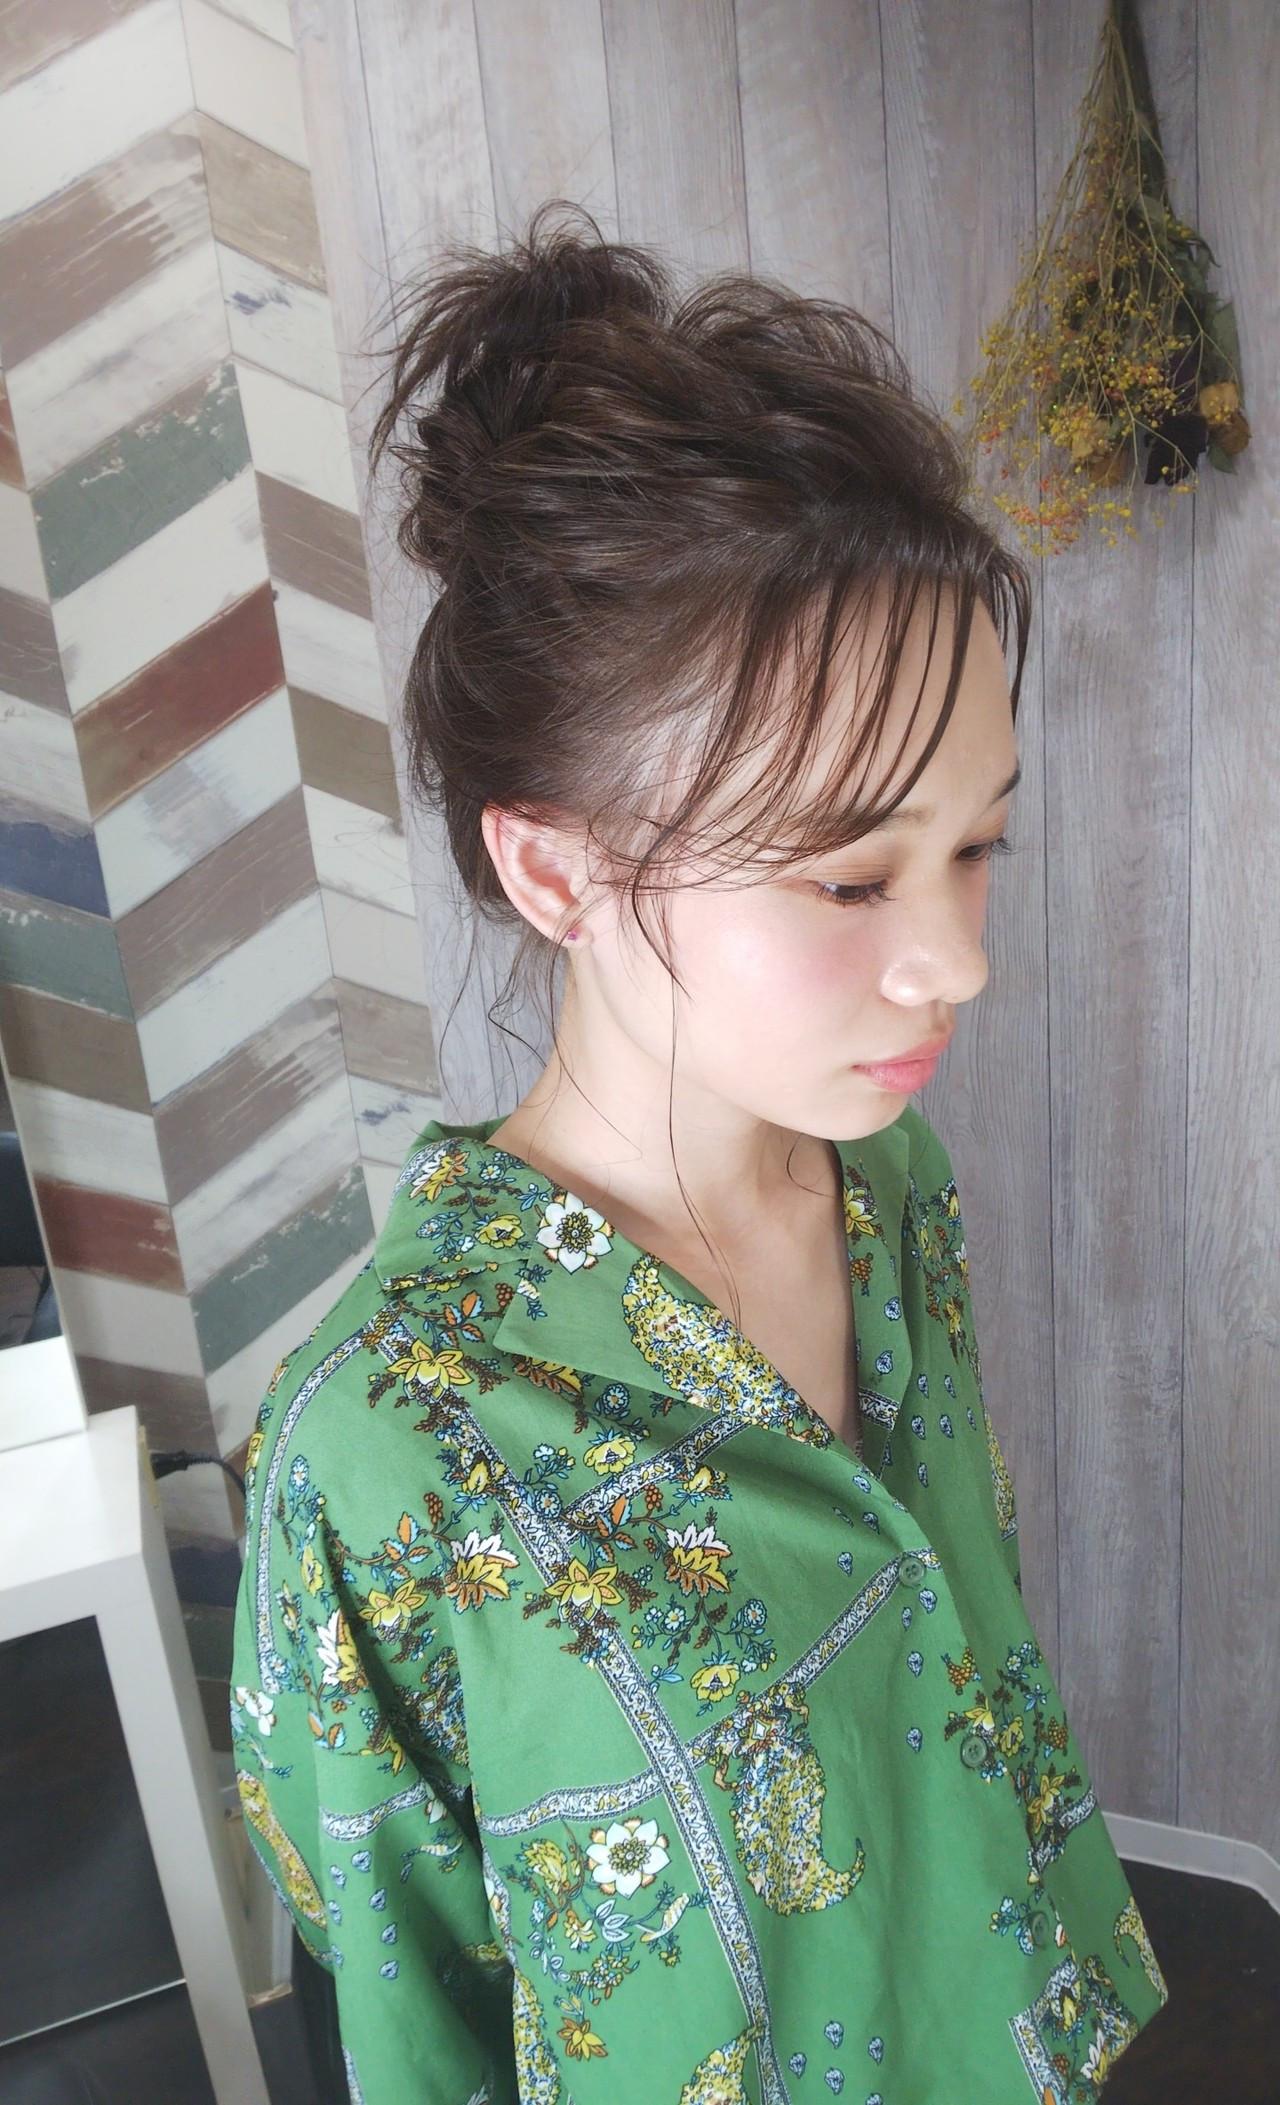 ふわふわ お祭り ガーリー お団子 ヘアスタイルや髪型の写真・画像